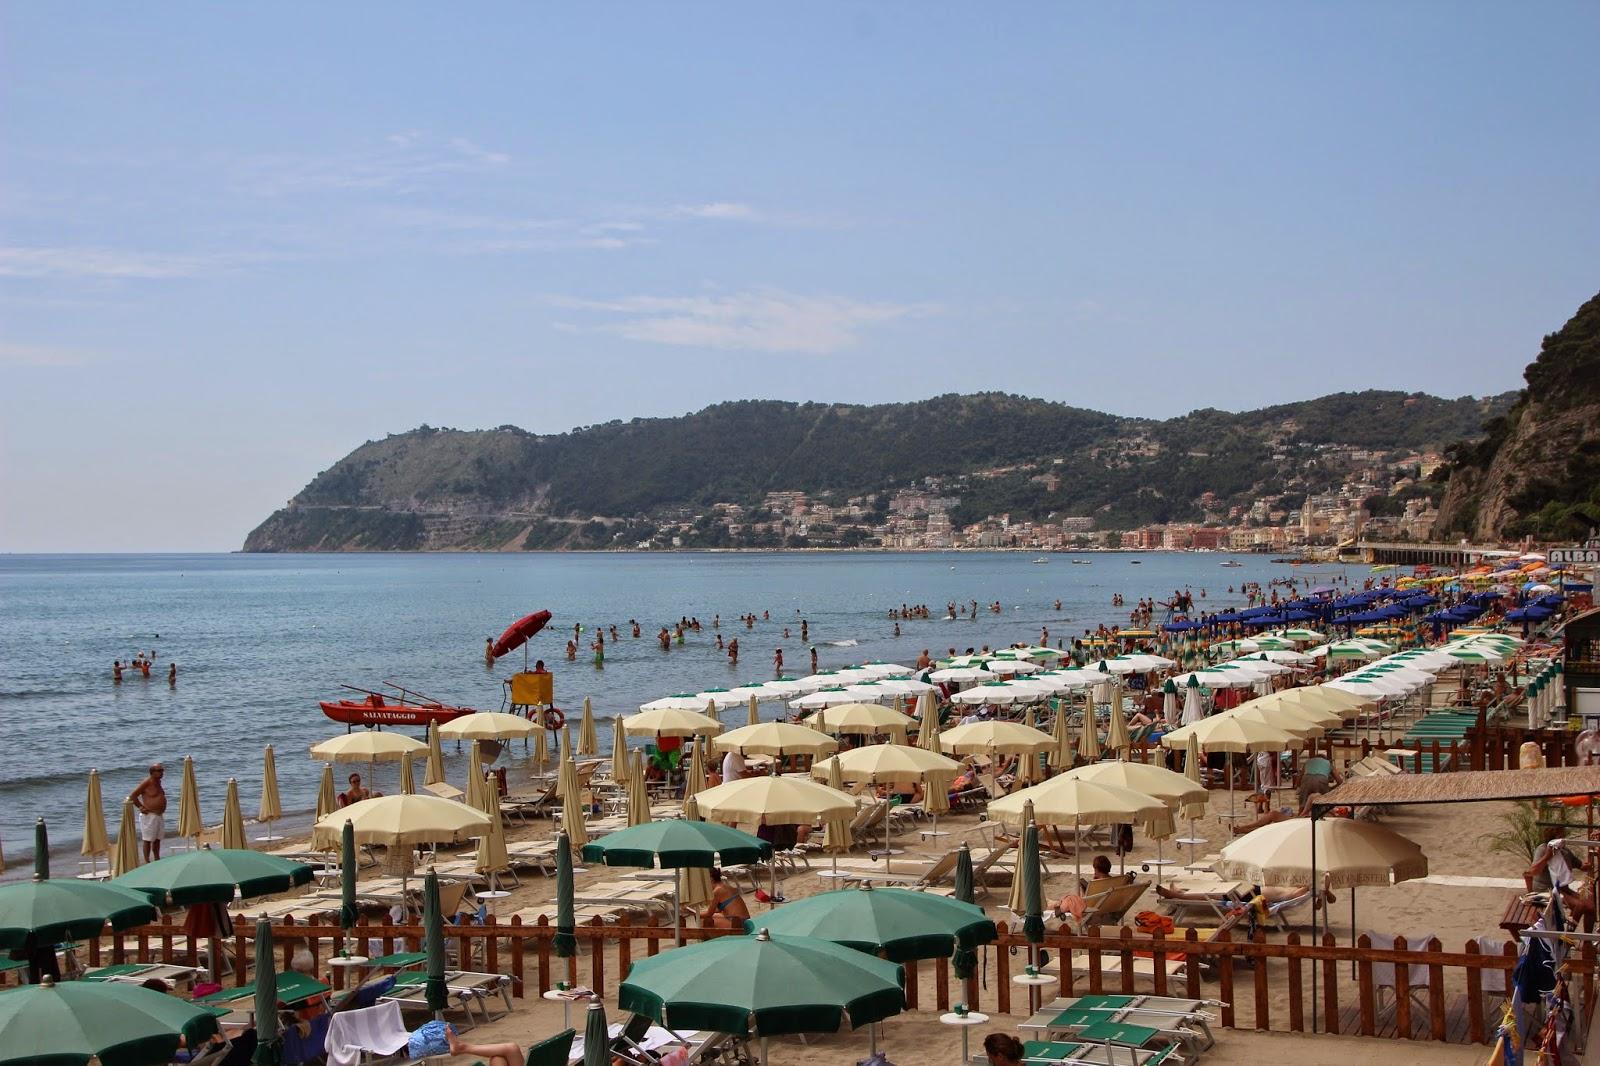 Bekijk het grootste (last minute) vakantieaanbod hotels, rondreizen, vakantiehuizen en campings op: www.italiaansebloemenriviera.nl